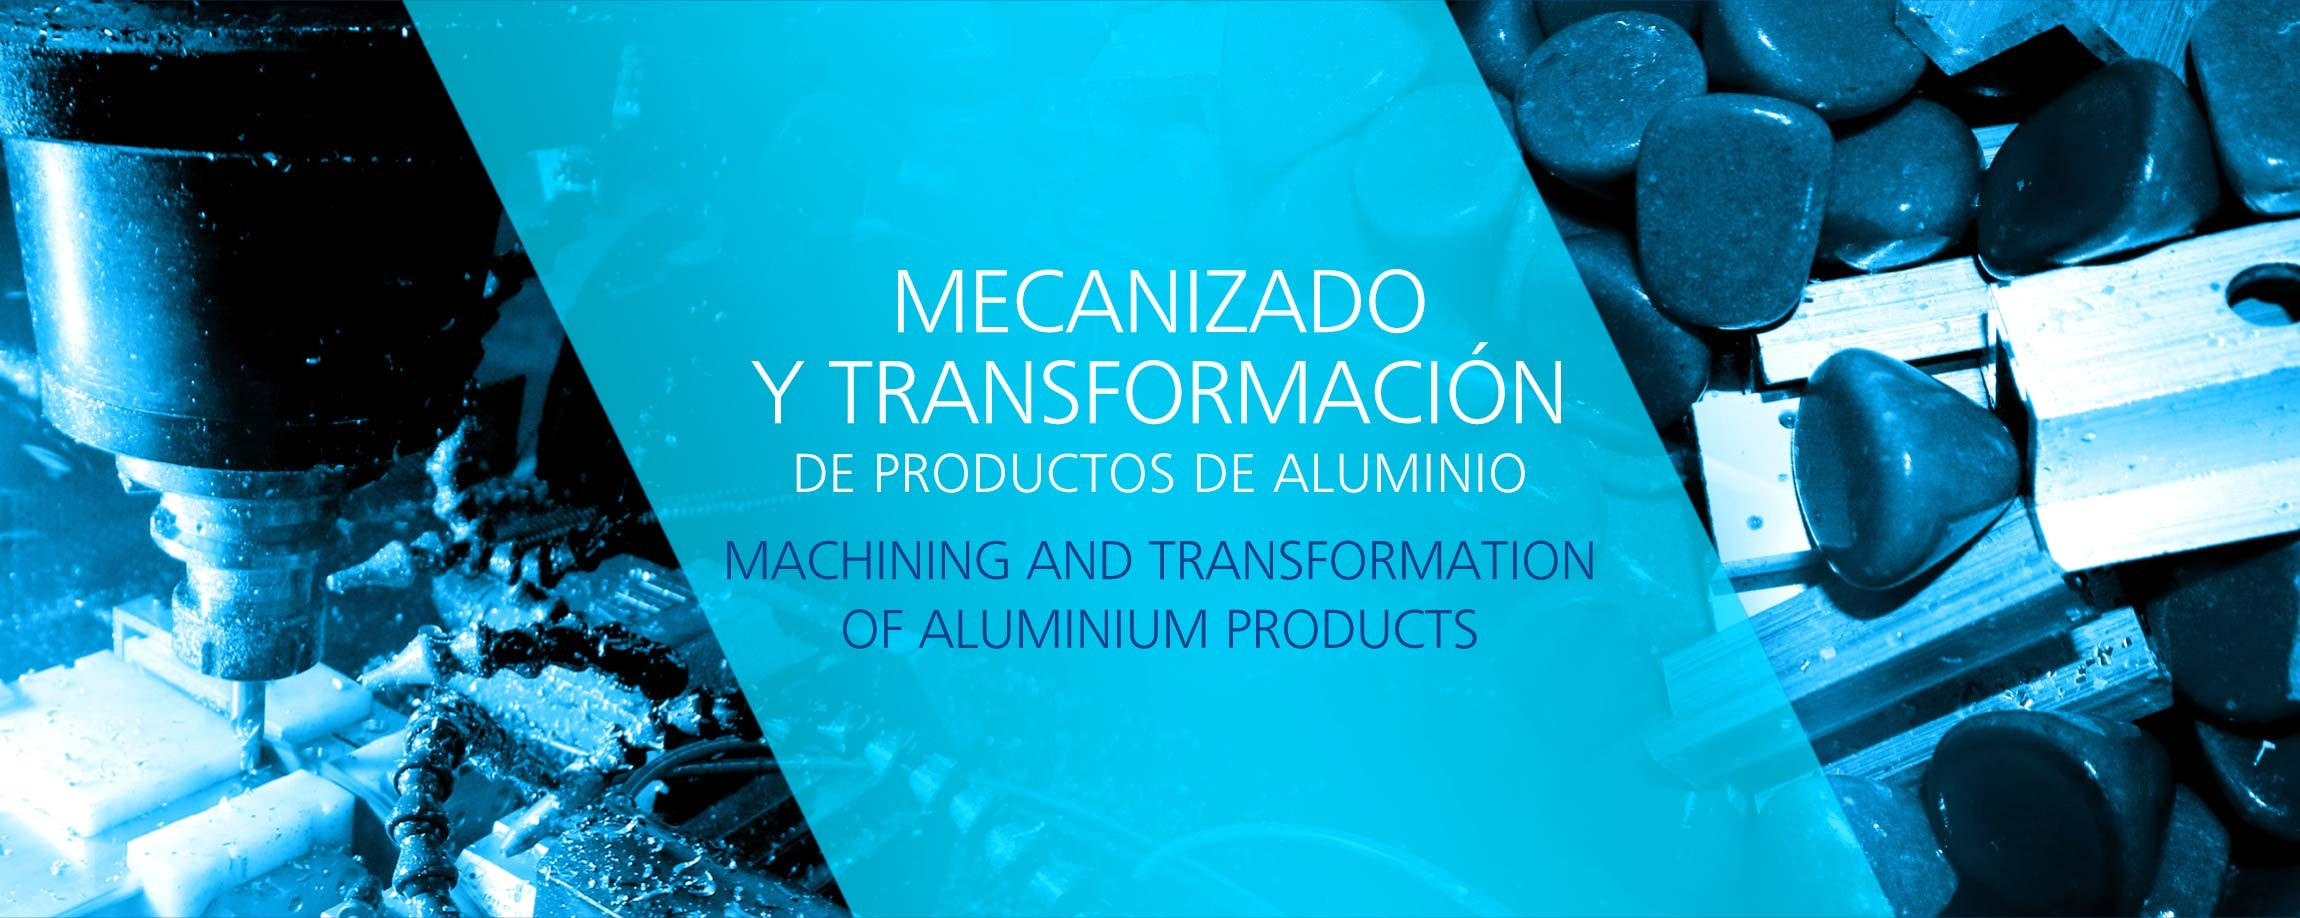 Mecanizado y transformación de productos de aluminio